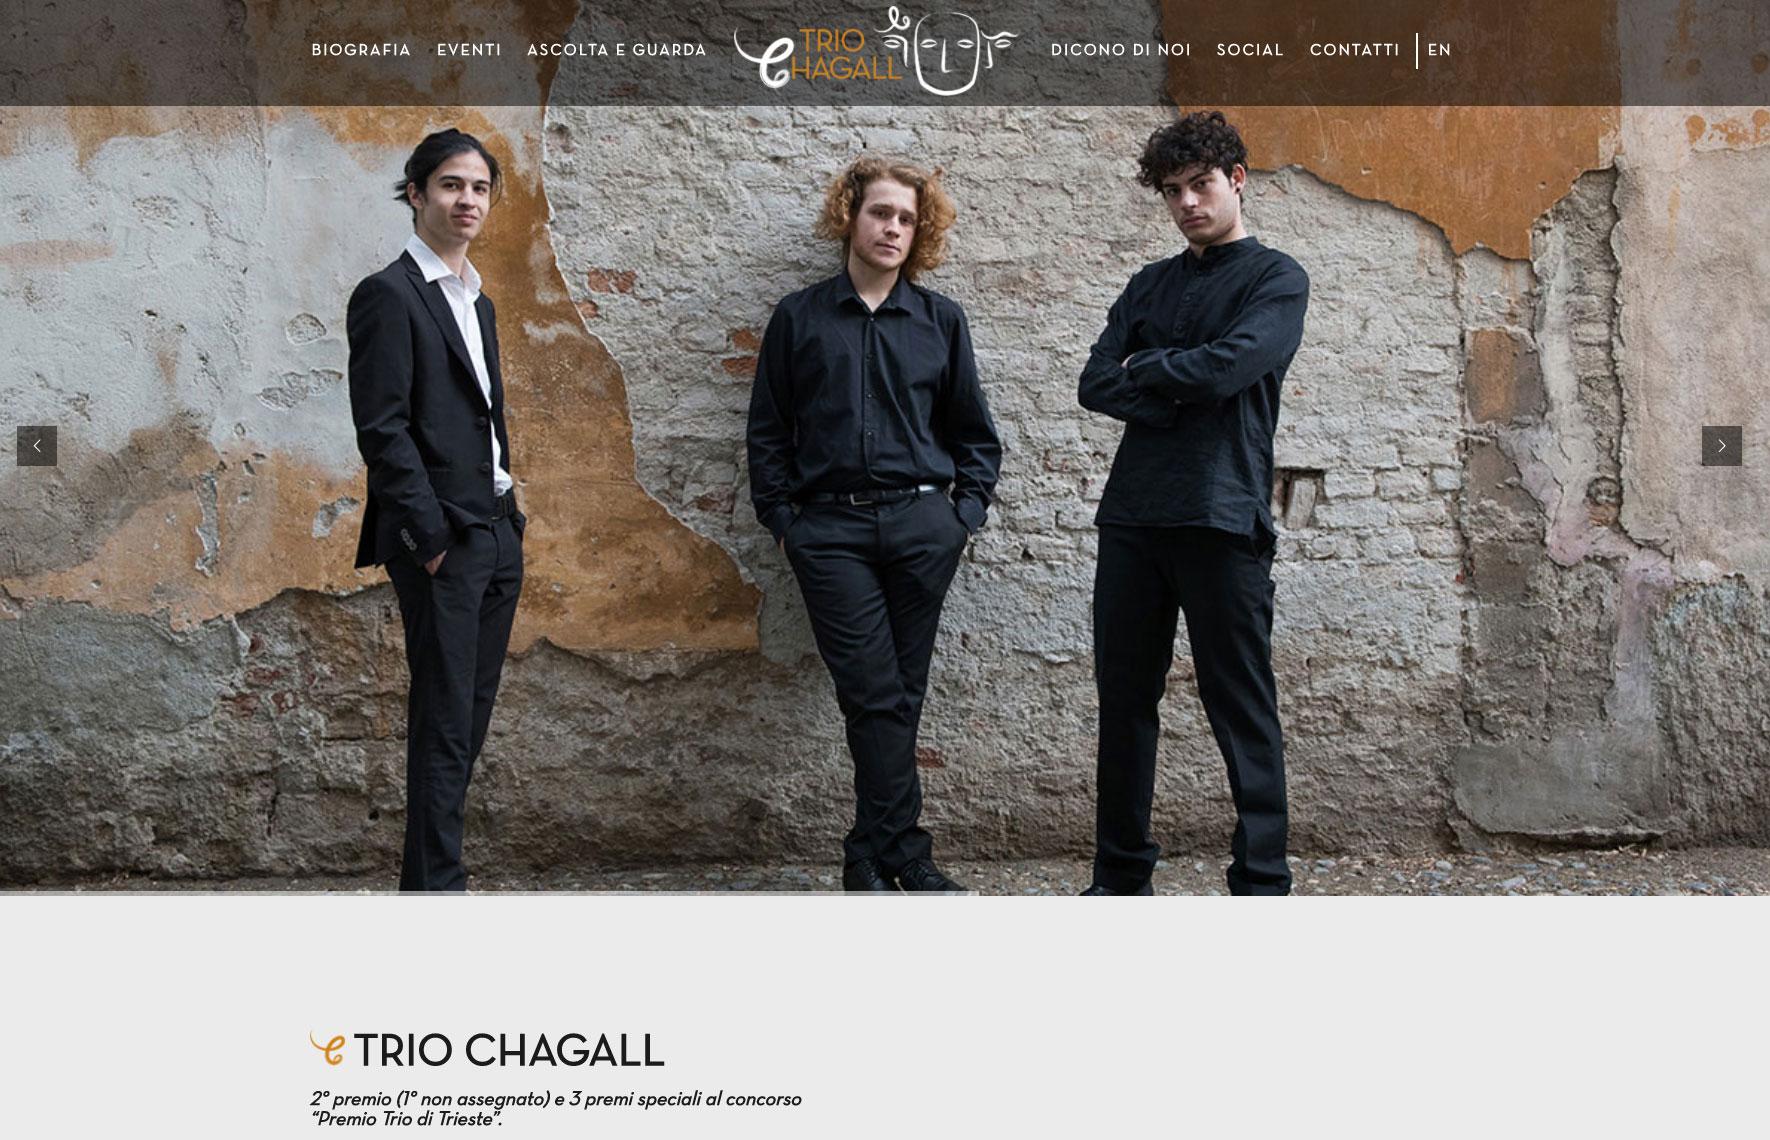 triochagall